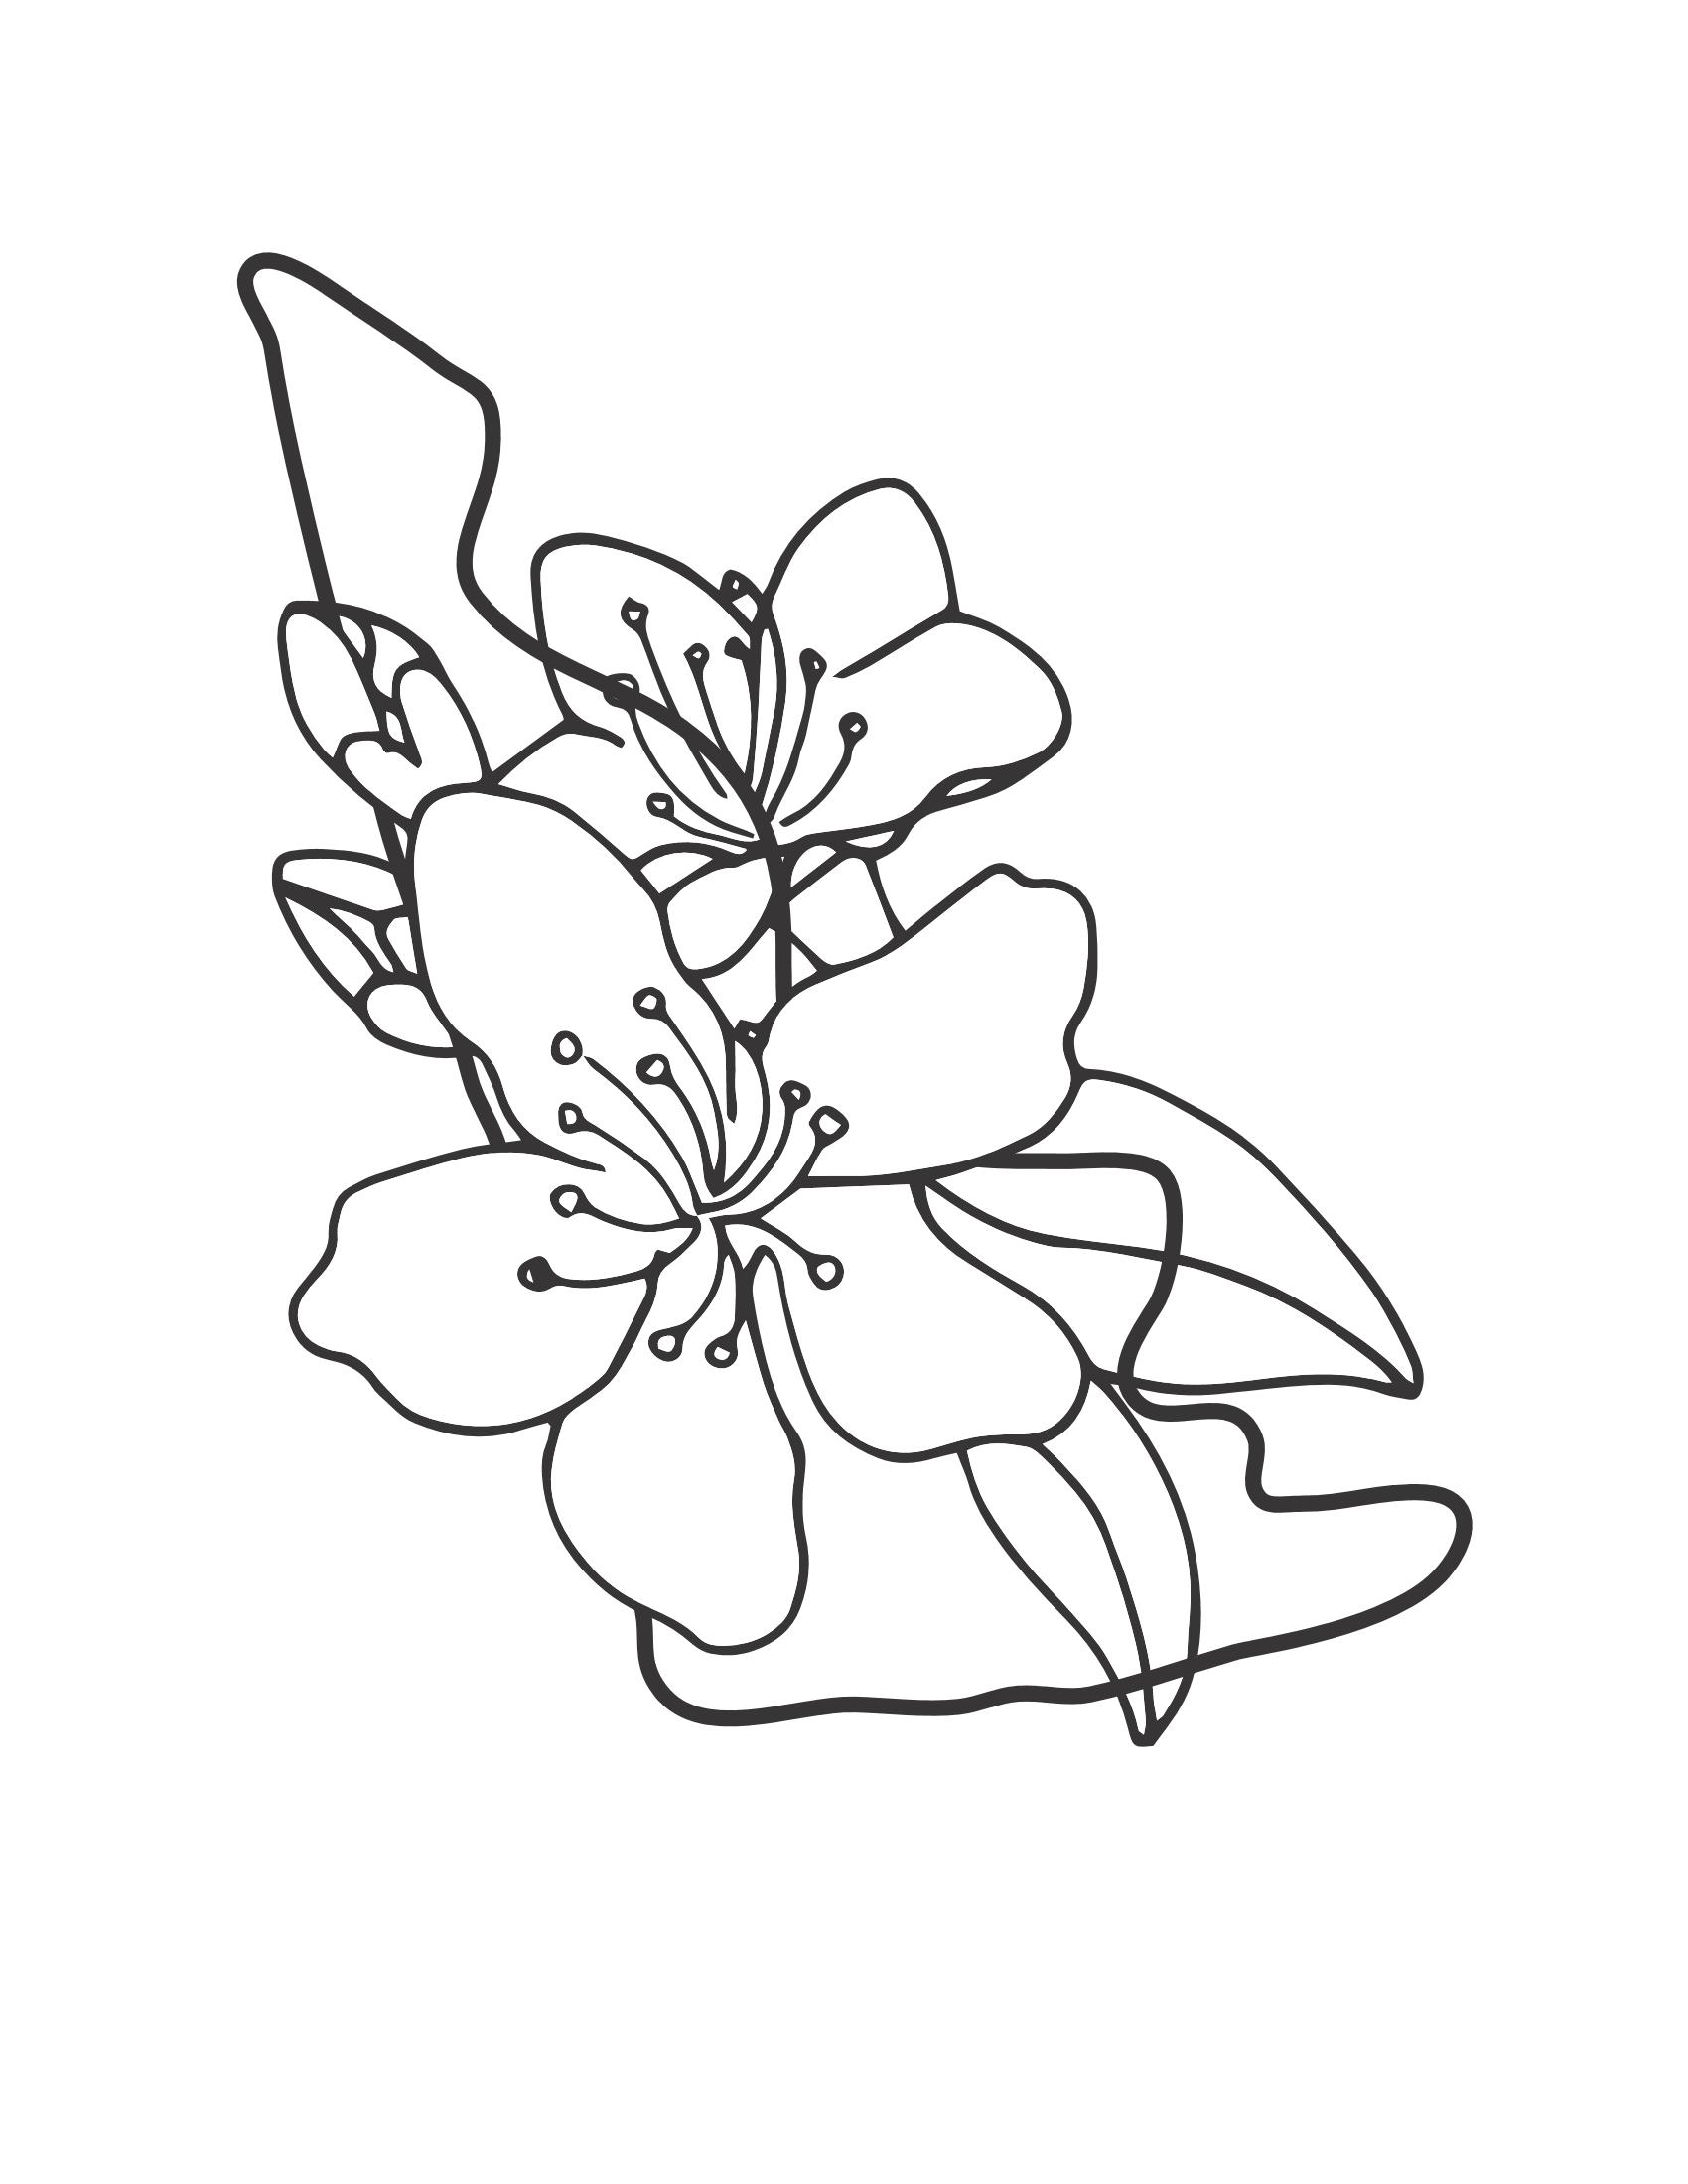 Tranh tô màu hoa mai đơn giản